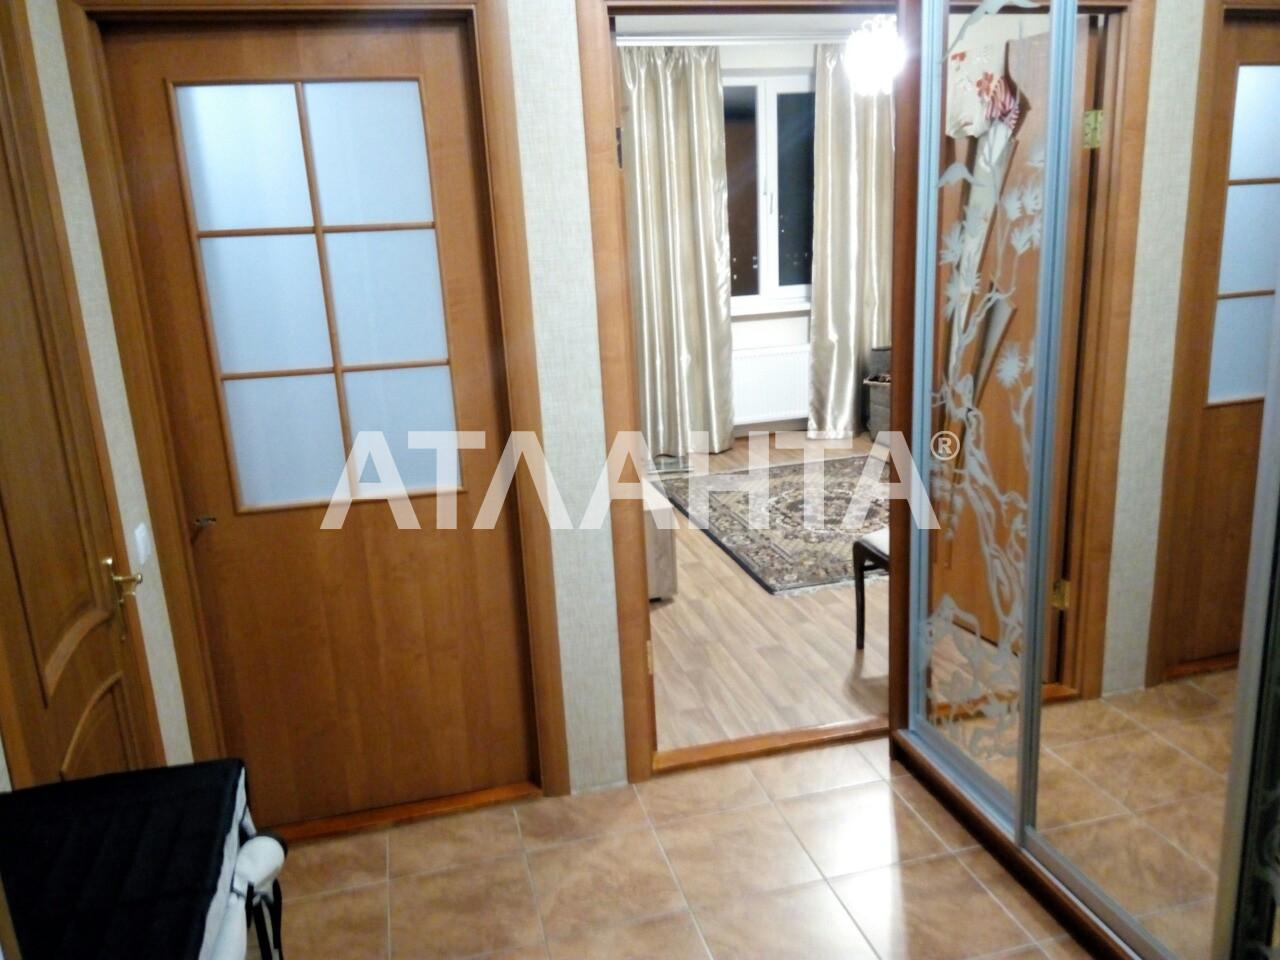 Продается 1-комнатная Квартира на ул. Руставели Шота — 33 000 у.е. (фото №4)